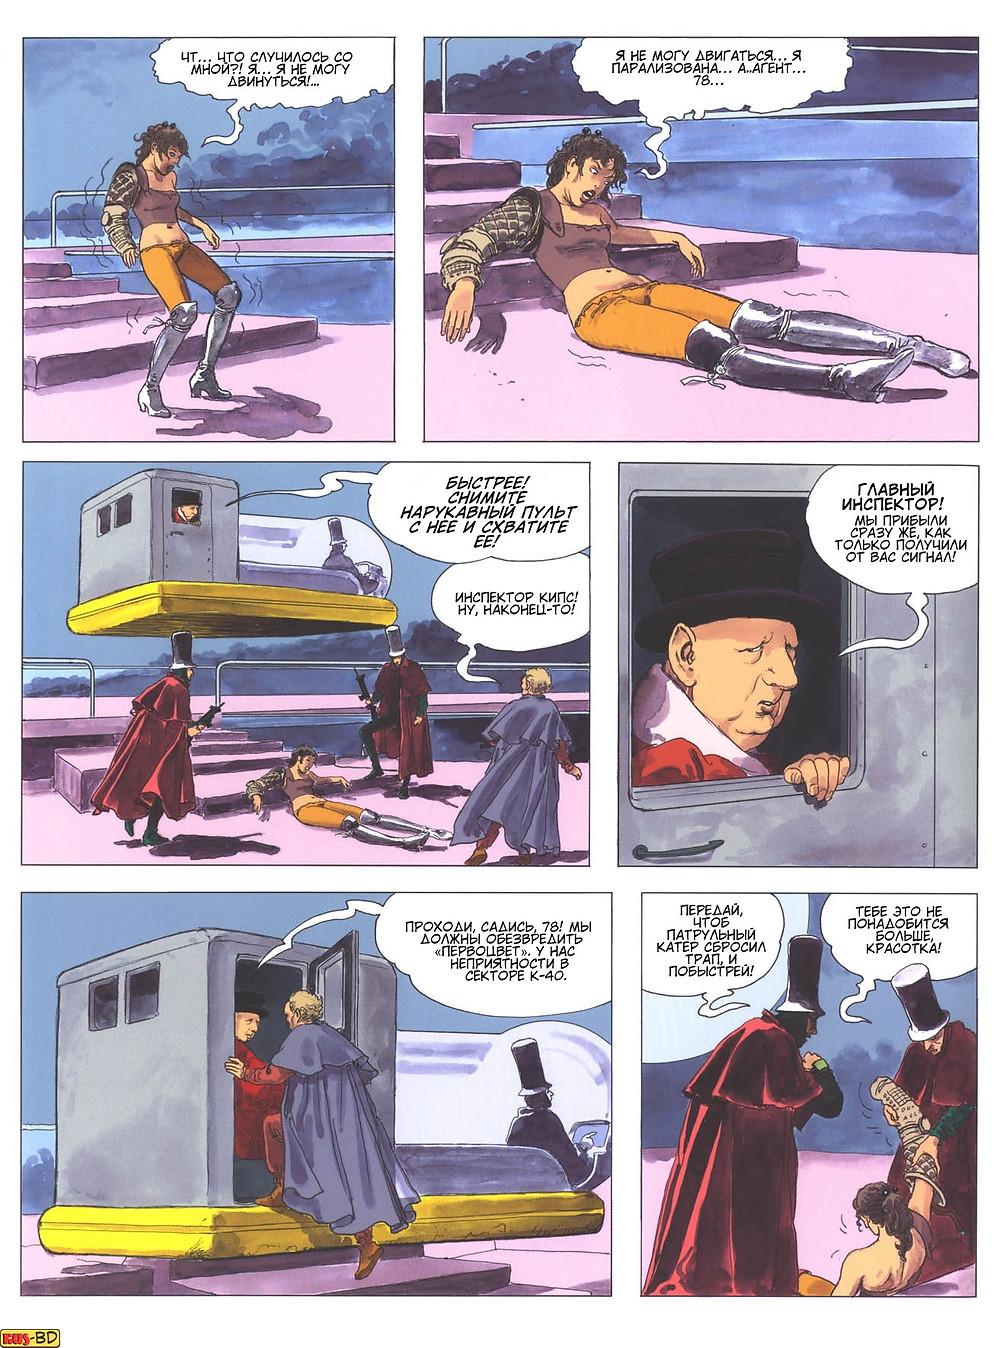 Эротический комикс на русском. Мило Манара. Пиранезе - планета тюрьма. Страница 41